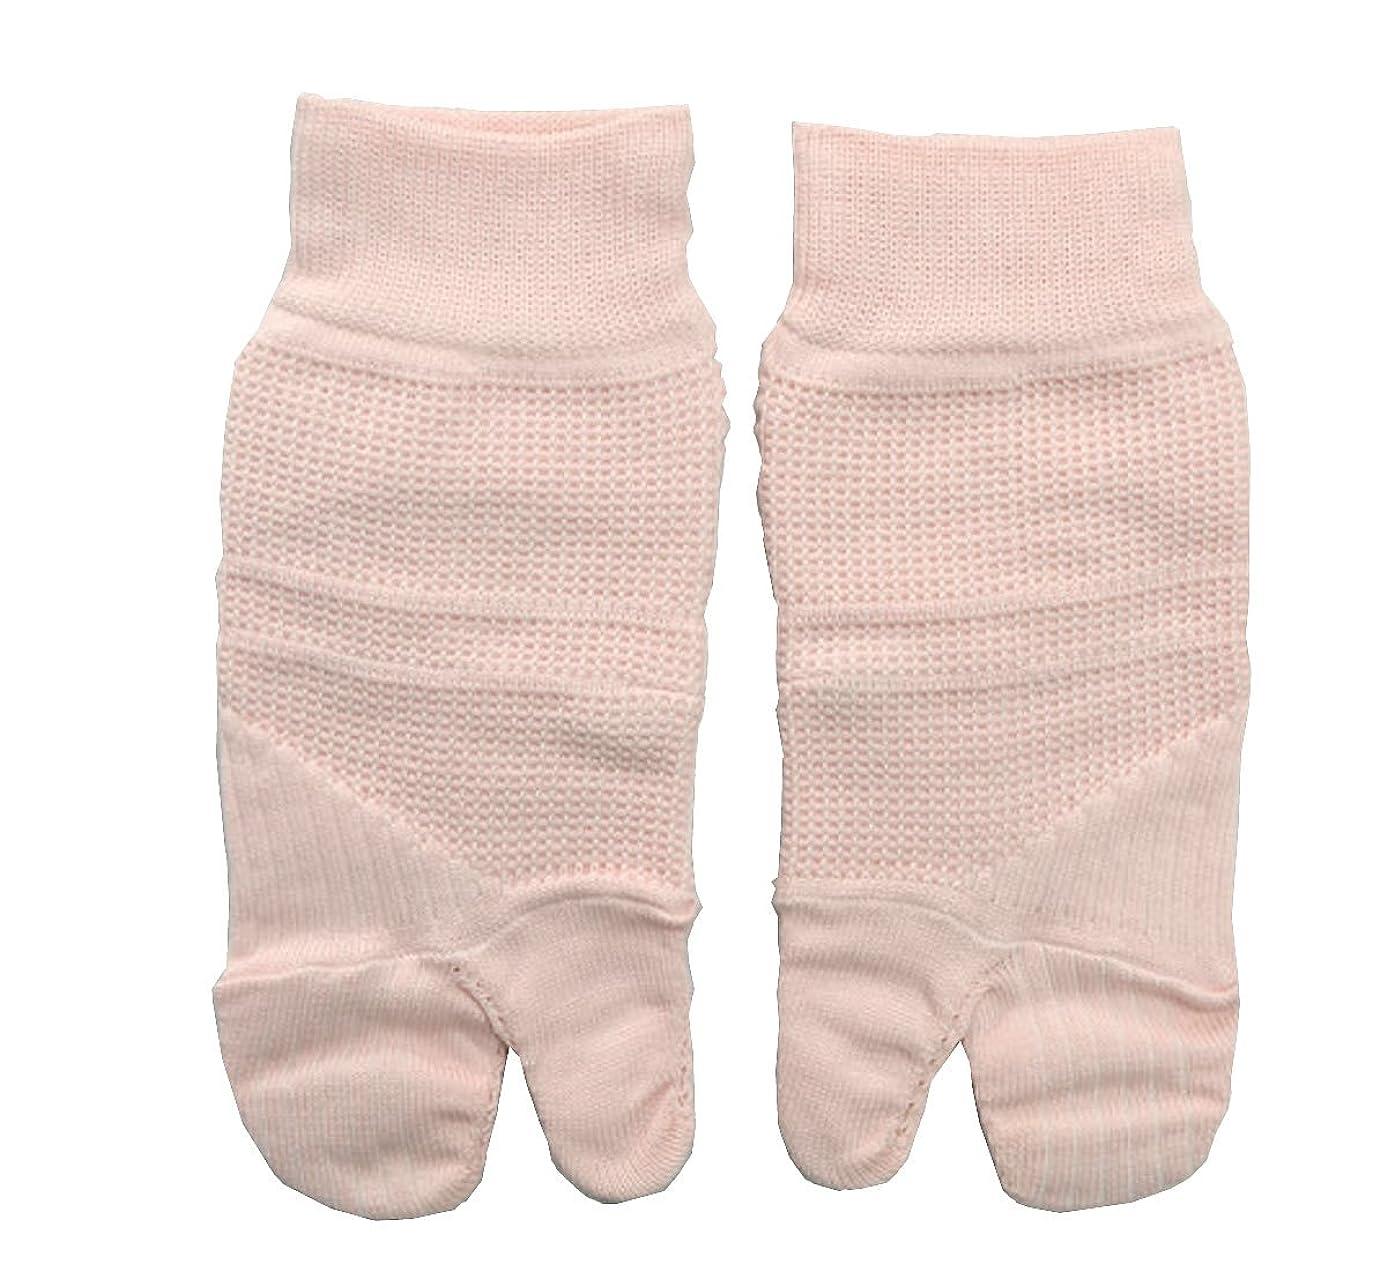 生息地受粉者スピーカー外反母趾対策靴下(通常タイプ) コーポレーションパールスター?広島大学大学院特許製品